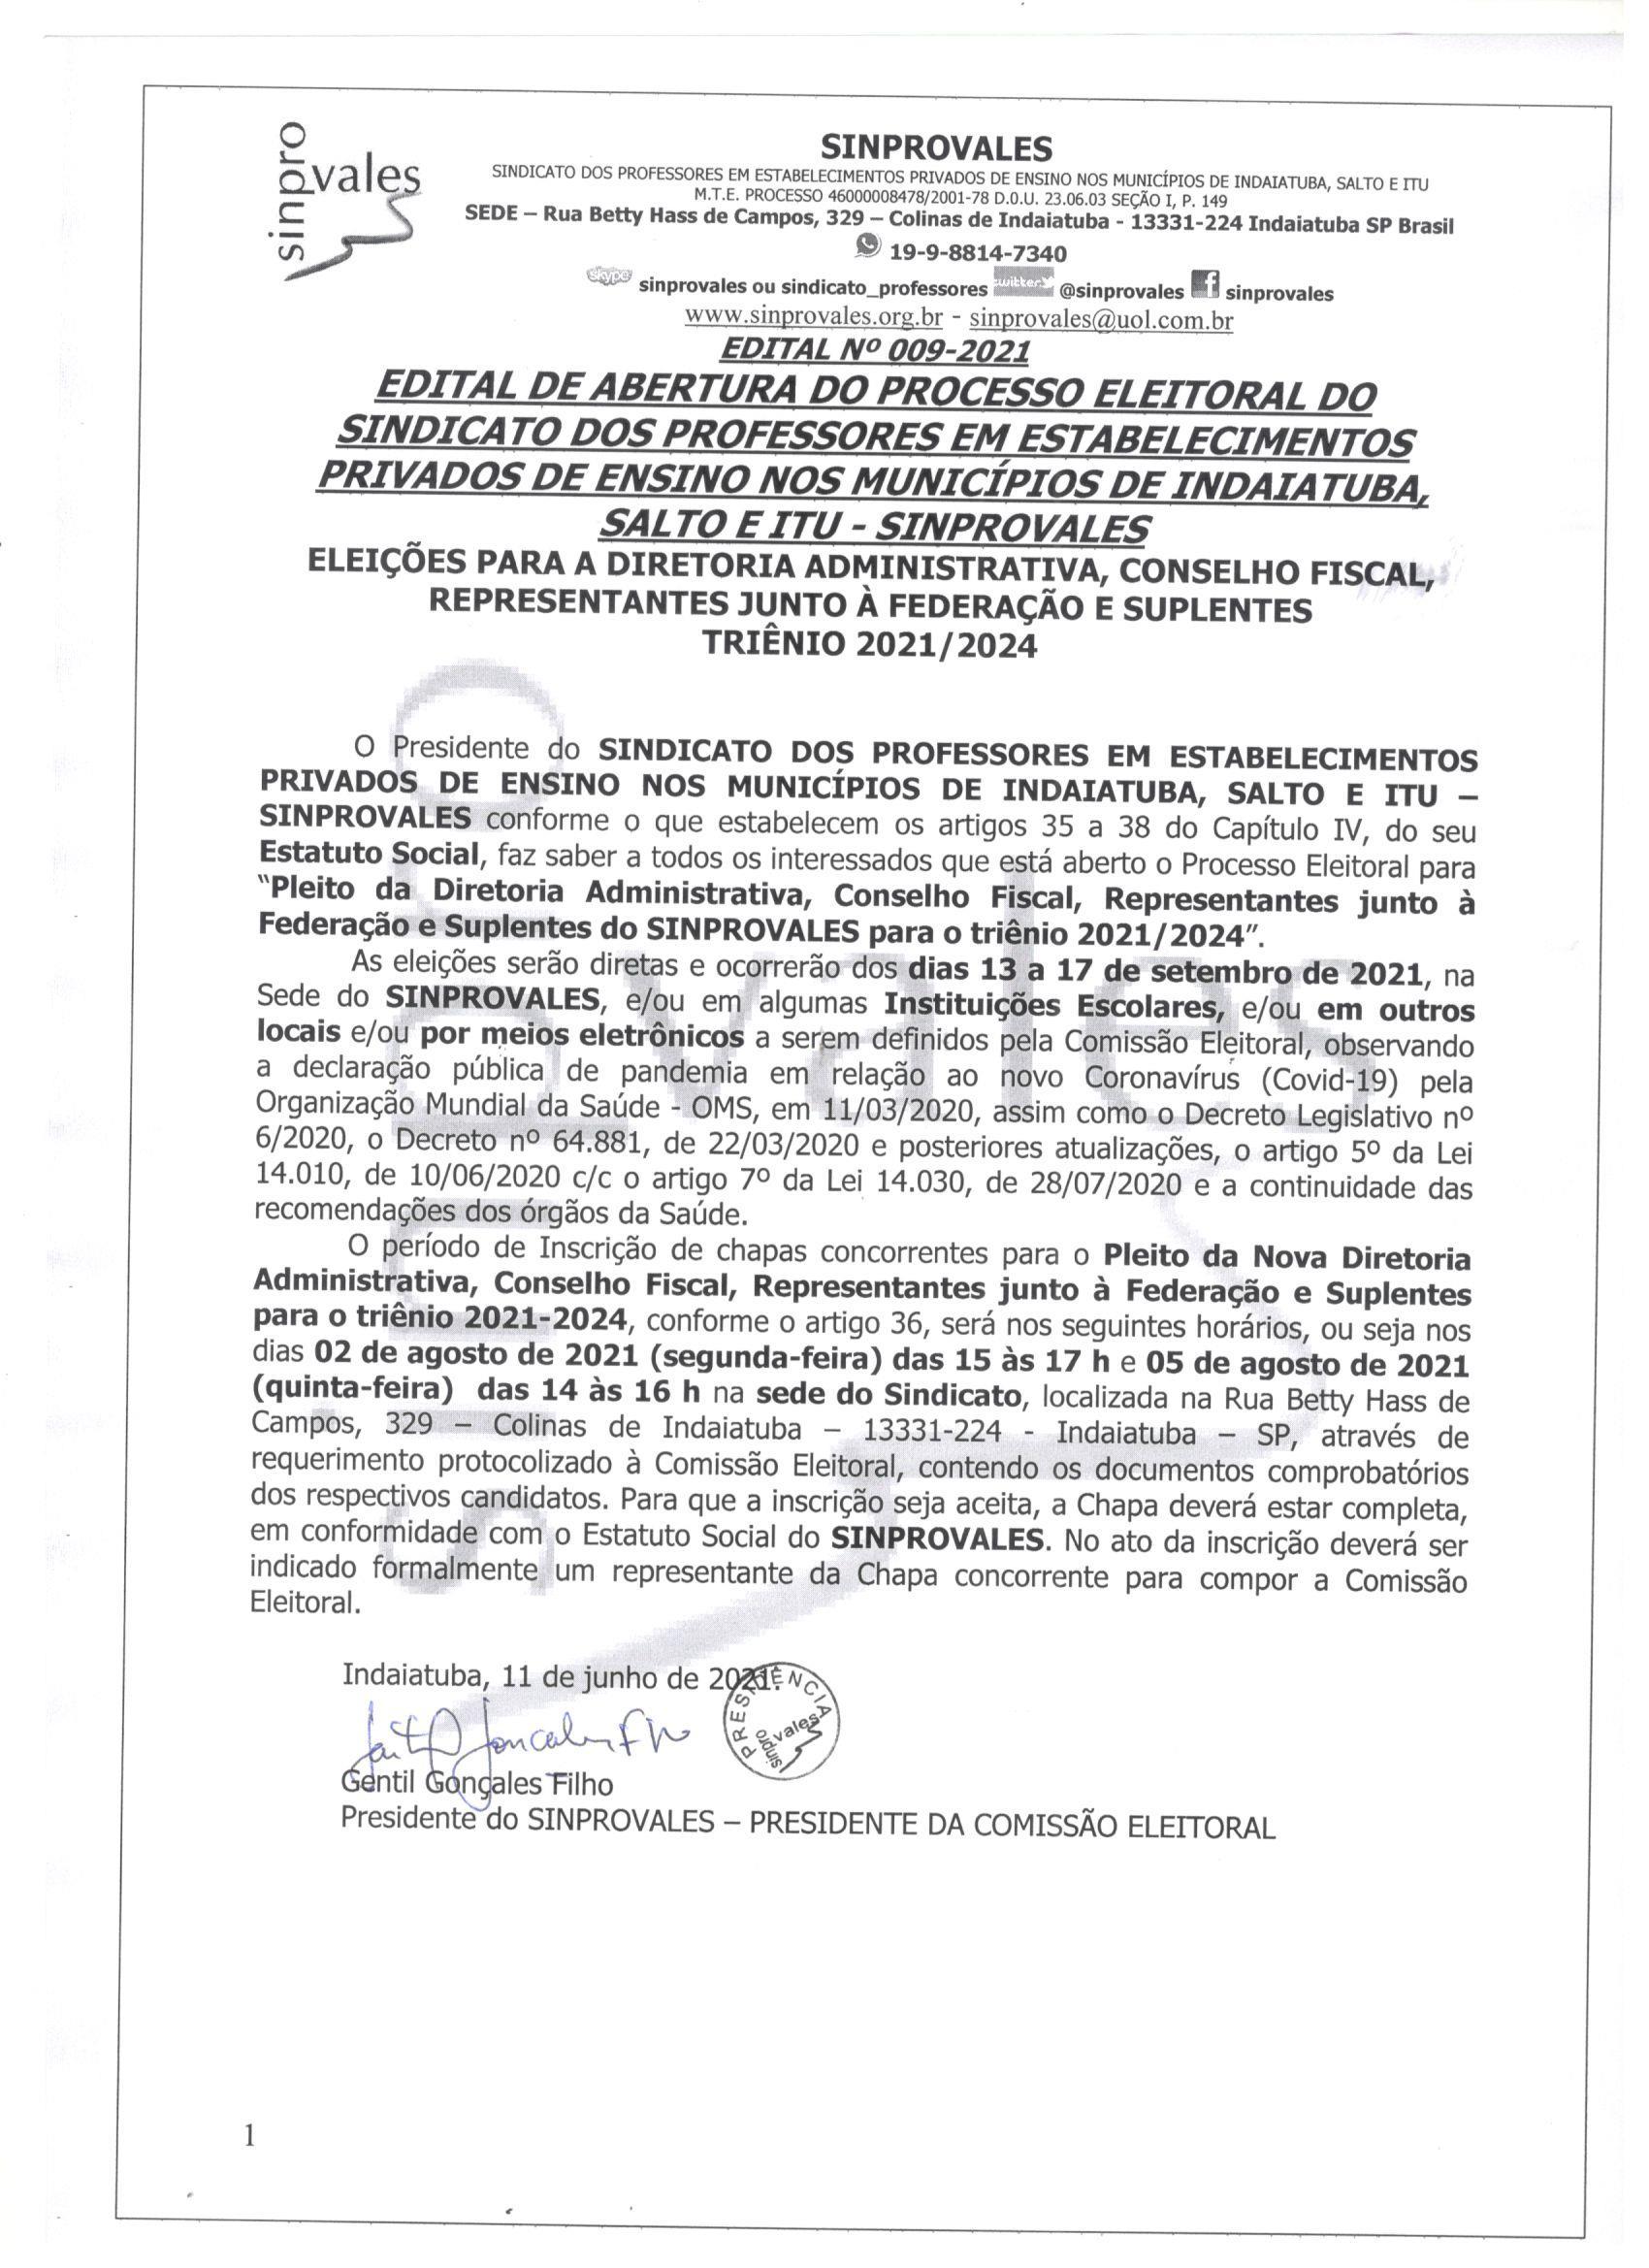 """EDITAL Nº 009-2021 EDITAL DE ABERTURA DO PROCESSO ELEITORAL DO SINDICATO DOS PROFESSORES EM ESTABELECIMENTOS PRIVADOS DE ENSINO NOS MUNICÍPIOS DE INDAIATUBA, SALTO E ITU - SINPROVALES ELEIÇÕES PARA A DIRETORIA ADMINISTRATIVA, CONSELHO FISCAL, REPRESENTANTES JUNTO À FEDERAÇÃO E SUPLENTES  TRIÊNIO 2021/2024   O Presidente do SINDICATO DOS PROFESSORES EM ESTABELECIMENTOS PRIVADOS DE ENSINO NOS MUNICÍPIOS DE INDAIATUBA, SALTO E ITU – SINPROVALES conforme o que estabelecem os artigos 35 a 38 do Capítulo IV, do seu Estatuto Social, faz saber a todos os interessados que está aberto o Processo Eleitoral para """"Pleito da Diretoria Administrativa, Conselho Fiscal, Representantes junto à Federação e Suplentes do SINPROVALES para o triênio 2021/2024"""". As eleições serão diretas e ocorrerão dos dias 13 a 17 de setembro de 2021, na Sede do SINPROVALES, e/ou em algumas Instituições Escolares, e/ou em outros locais e/ou por meios eletrônicos a serem definidos pela Comissão Eleitoral, observando a declaração pública de pandemia em relação ao novo Coronavírus (Covid-19) pela Organização Mundial da Saúde - OMS, em 11/03/2020, assim como o Decreto Legislativo nº 6/2020, o Decreto nº 64.881, de 22/03/2020 e posteriores atualizações, o artigo 5º da Lei 14.010, de 10/06/2020 c/c o artigo 7º da Lei 14.030, de 28/07/2020 e a continuidade das recomendações dos órgãos da Saúde. O período de Inscrição de chapas concorrentes para o Pleito da Nova Diretoria Administrativa, Conselho Fiscal, Representantes junto à Federação e Suplentes para o triênio 2021-2024, conforme o artigo 36, será nos seguintes horários, ou seja nos dias 02 de agosto de 2021 (segunda-feira) das 15 às 17 h e 05 de agosto de 2021 (quinta-feira)  das 14 às 16 h na sede do Sindicato, localizada na Rua Betty Hass de Campos, 329 – Colinas de Indaiatuba – 13331-224 - Indaiatuba – SP, através de requerimento protocolizado à Comissão Eleitoral, contendo os documentos comprobatórios dos respectivos candidatos. Para que a inscrição seja"""